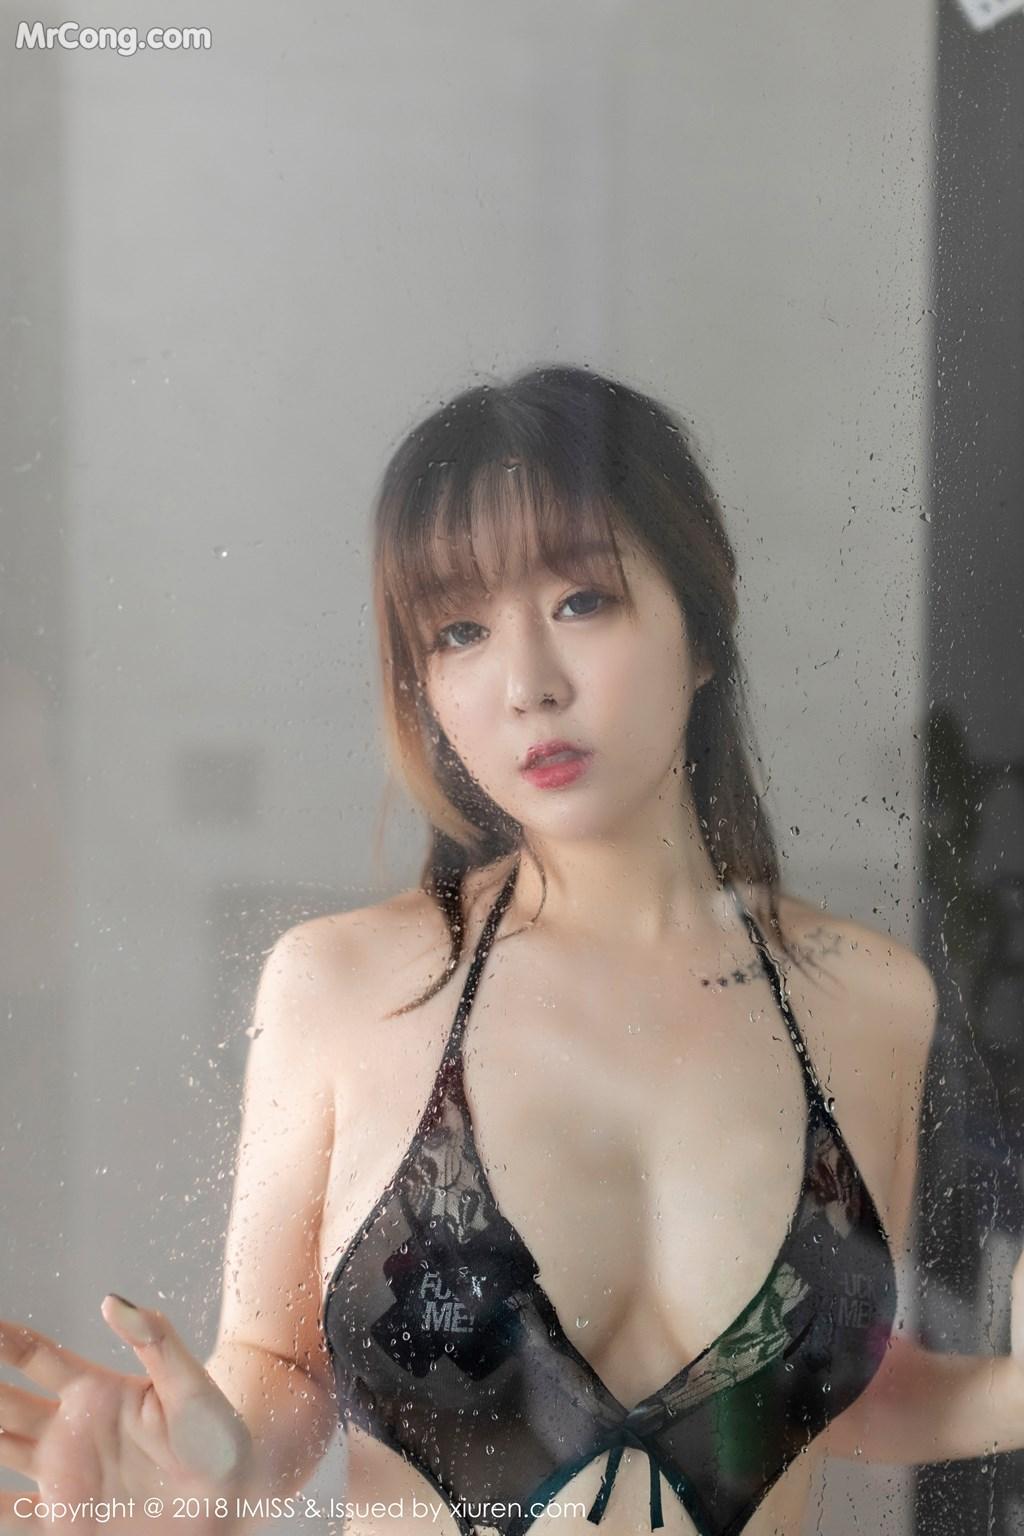 Image IMISS-Vol.310-Wang-Yu-Chun-MrCong.com-026 in post IMISS Vol.310: Người mẫu Wang Yu Chun (王雨纯) (37 ảnh)